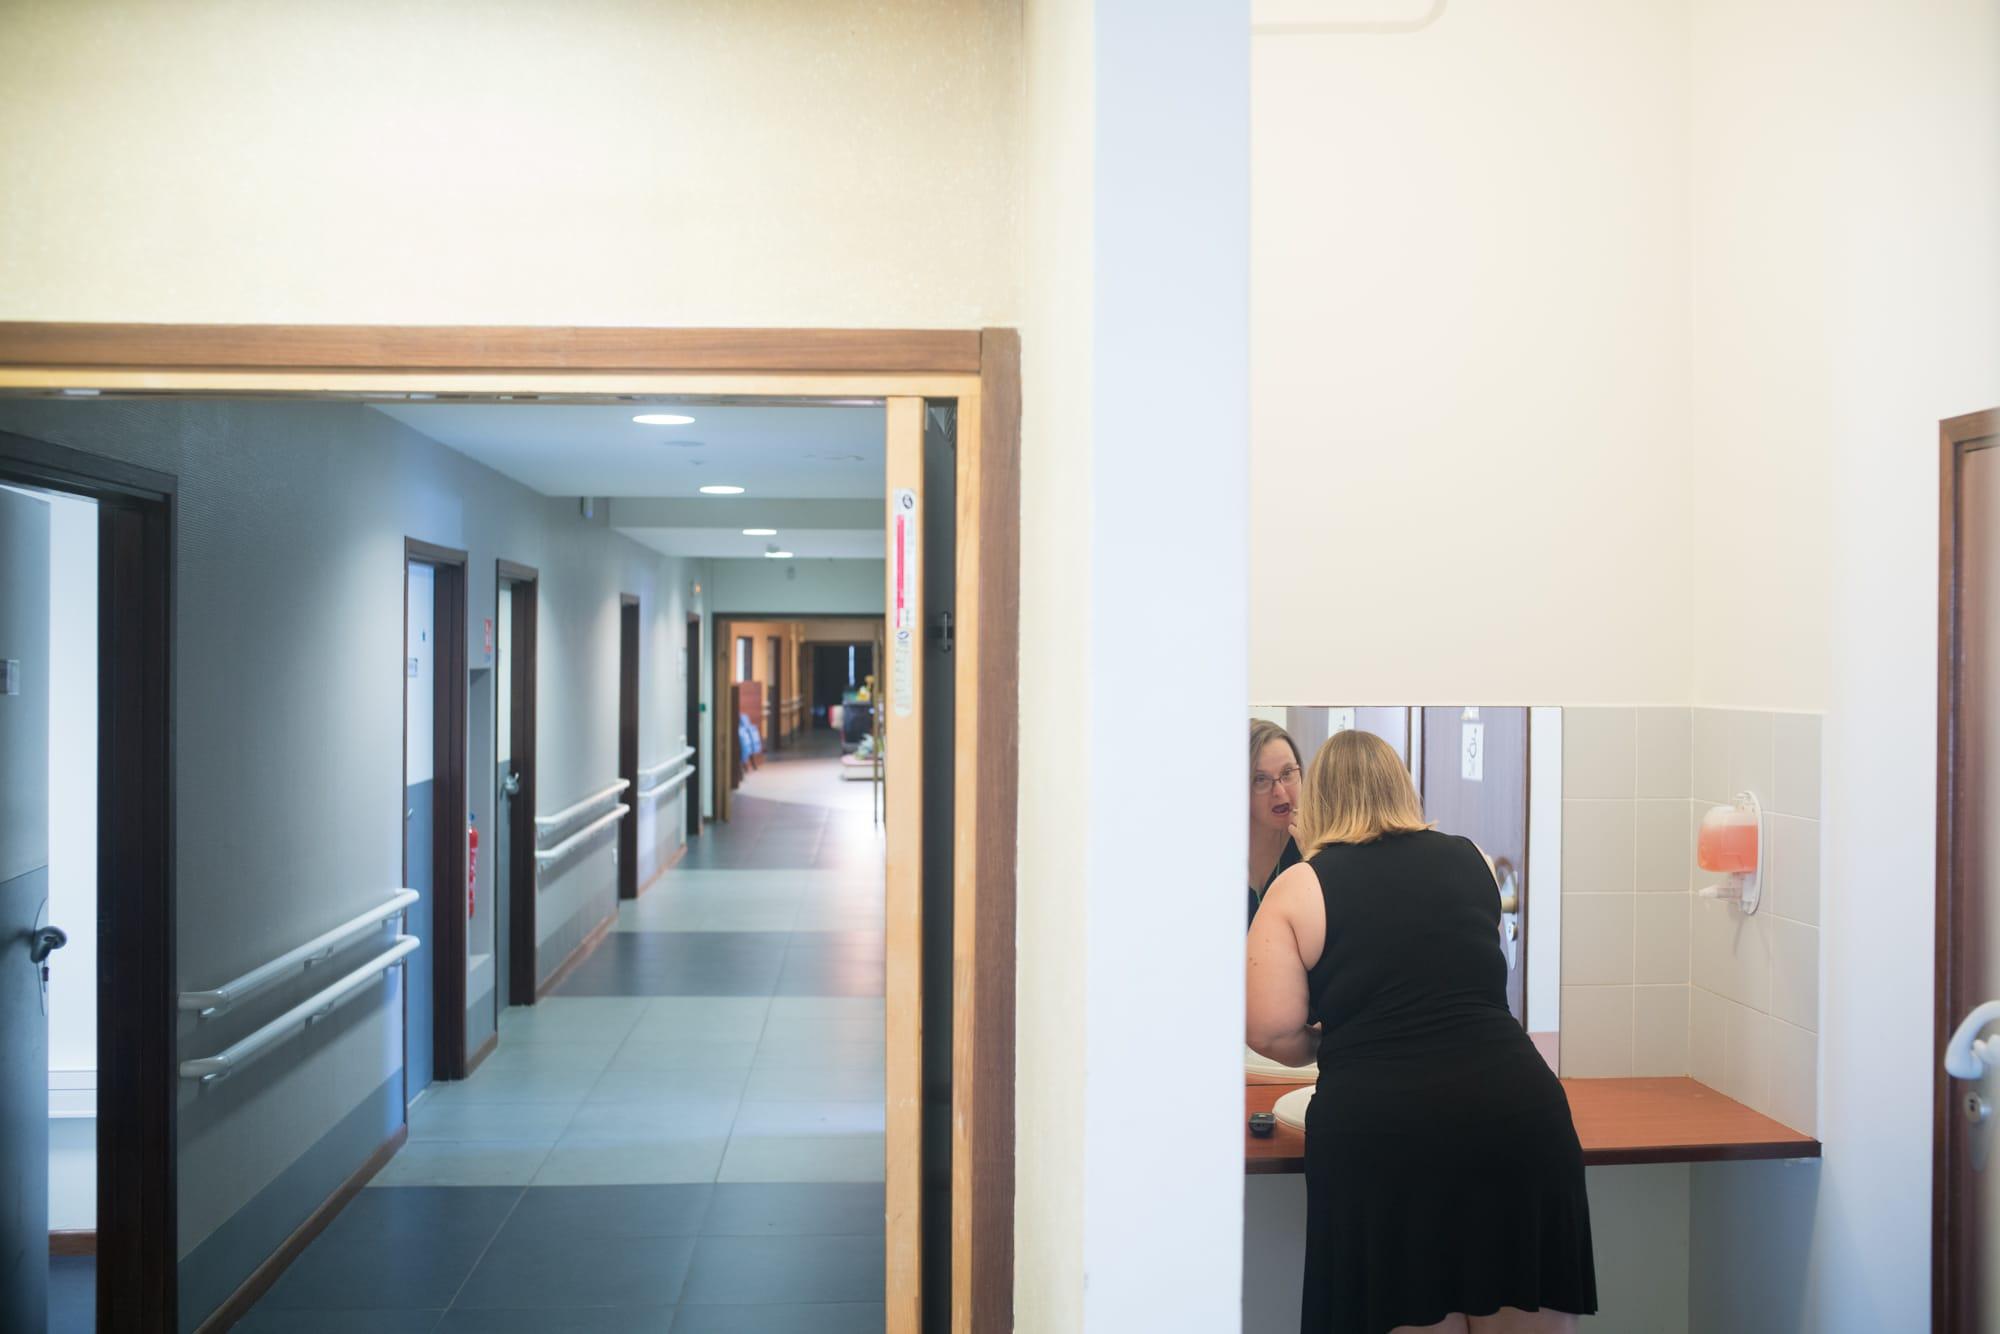 Séparée d'un couloir par une cloison, Lucy utilise un baume à lèvre devant un miroir.